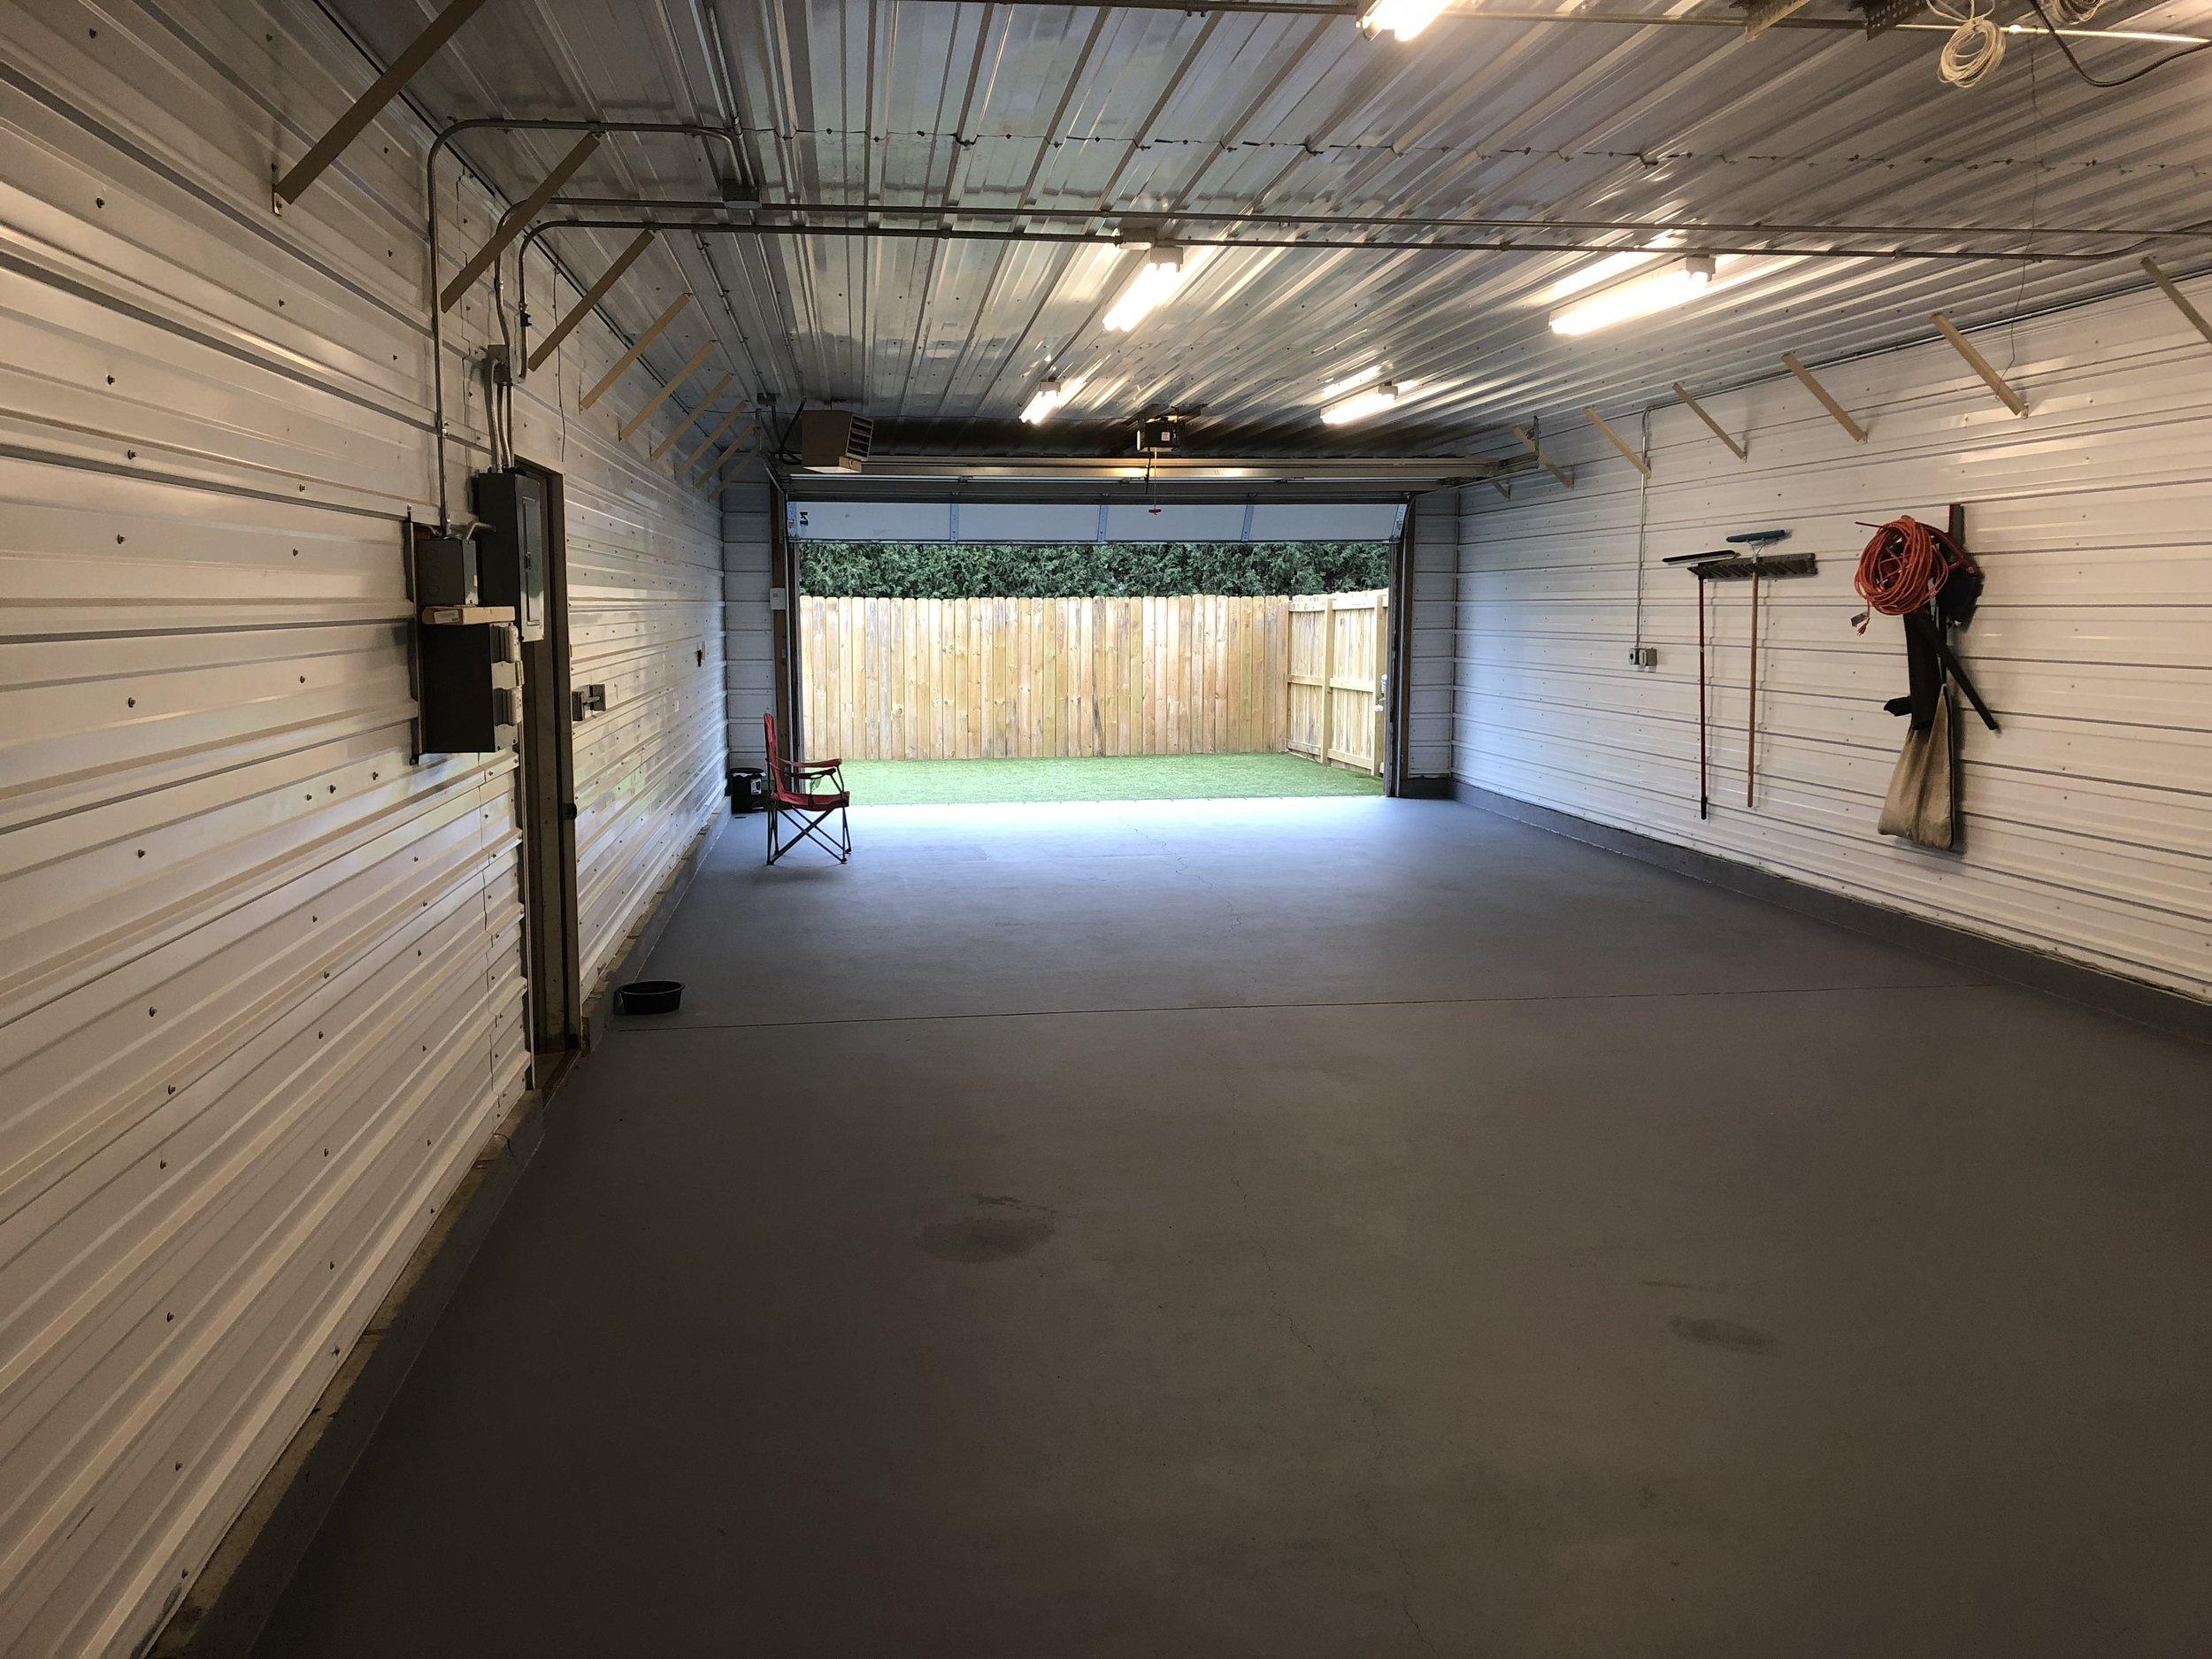 Indoor/Outdoor Play Area